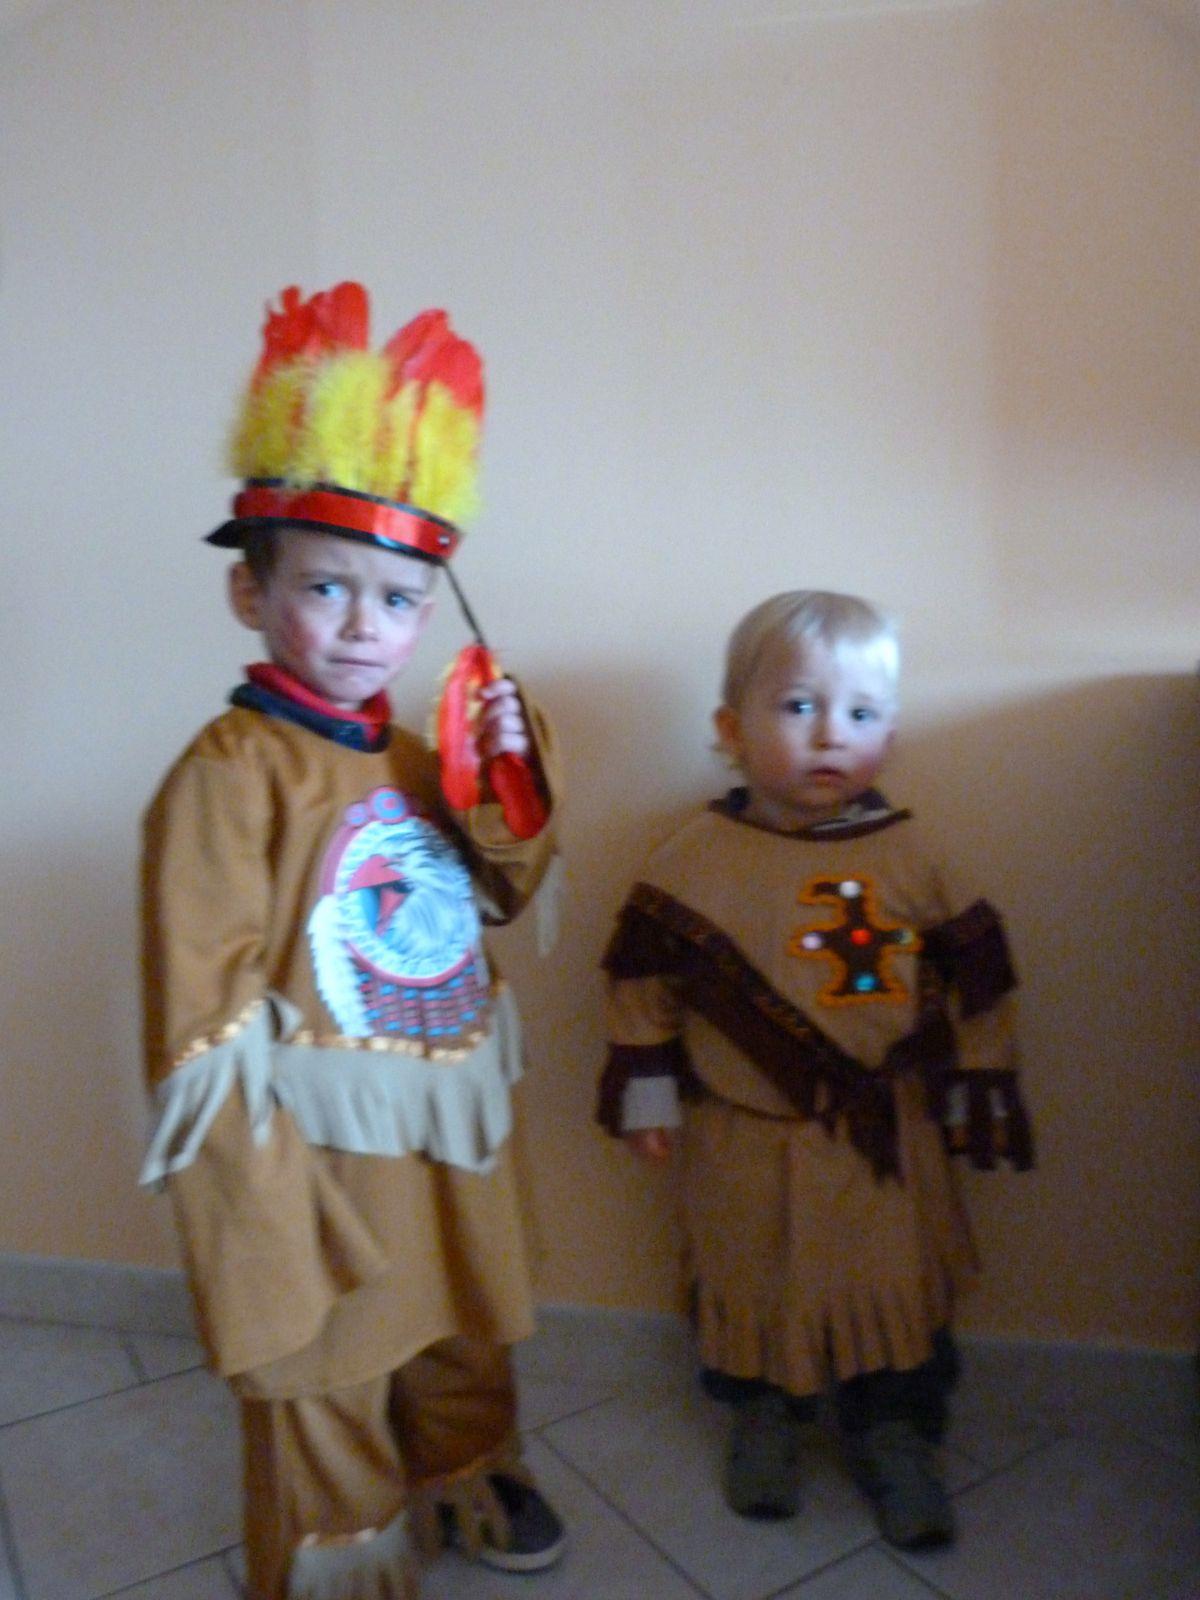 Lundi 4 mars 2013, le soleil est au rendez-vous pour fêter le carnaval avec tous les copains de l'association les poussins. Qu'ils sont beaux mes petits loups !!! S'en suit une dégustation de crêpes au sucre.